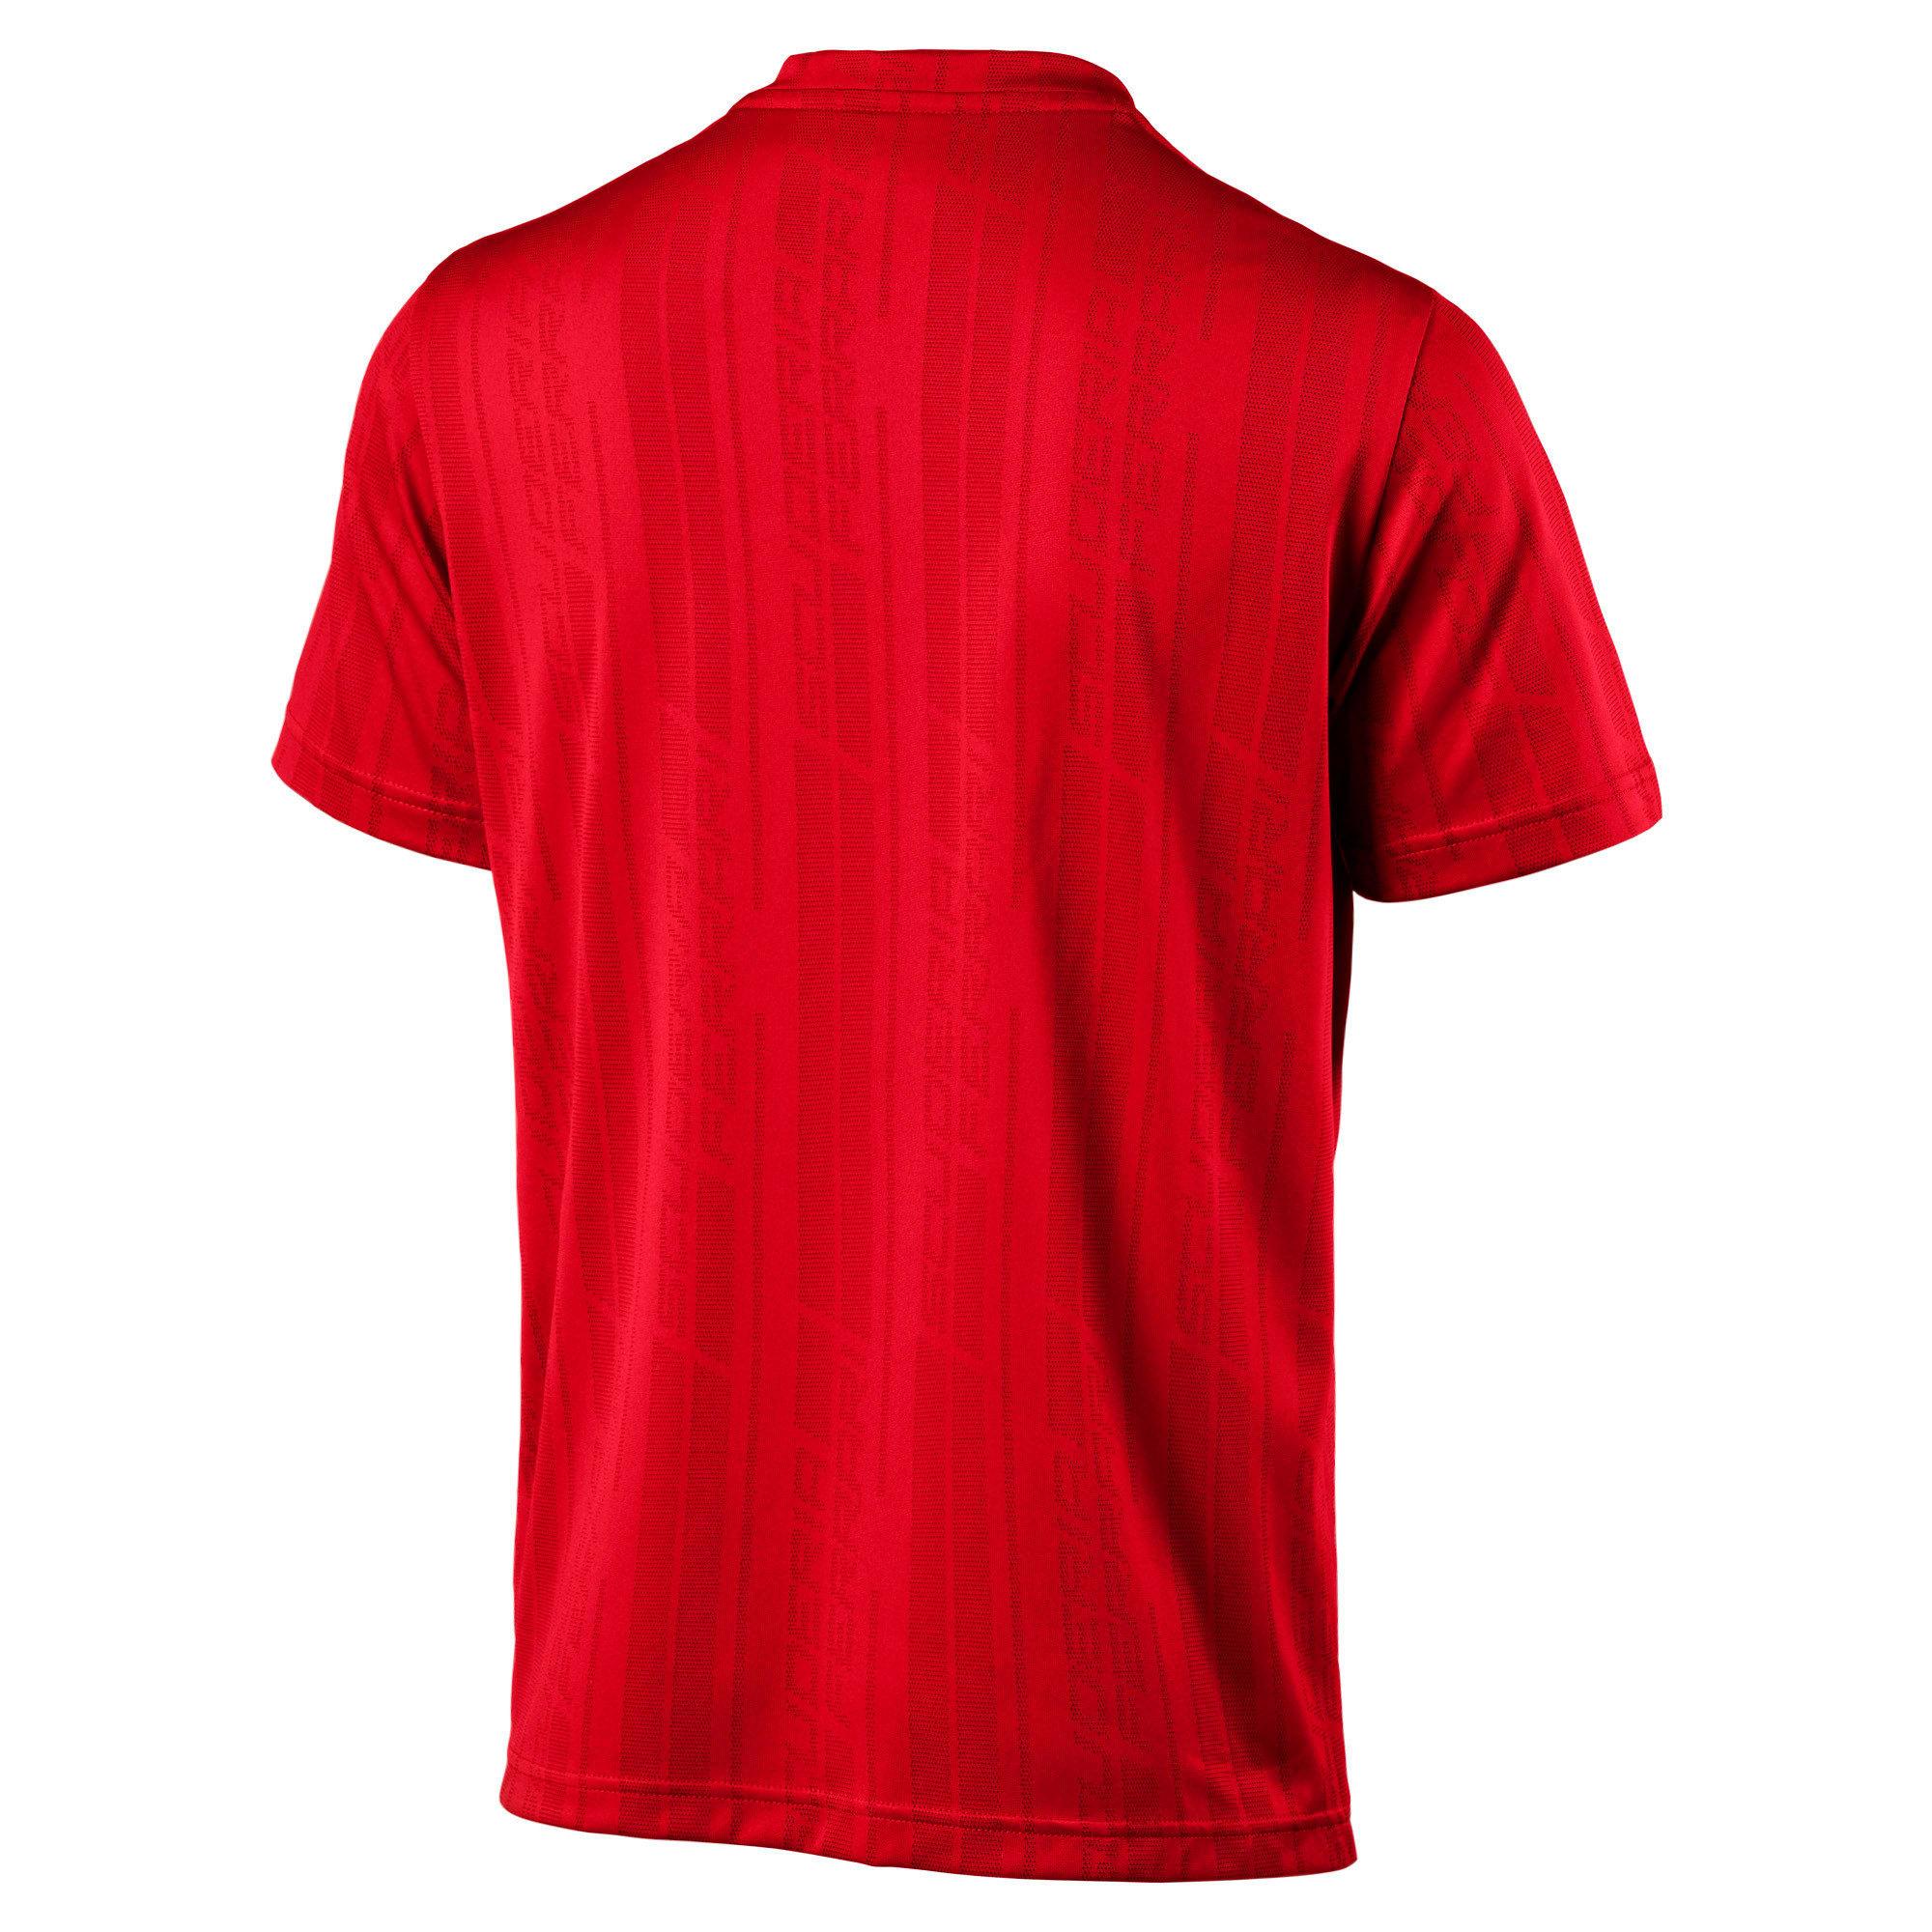 Thumbnail 2 of Ferrari Men's Jacquard T-Shirt, Rosso Corsa, medium-IND